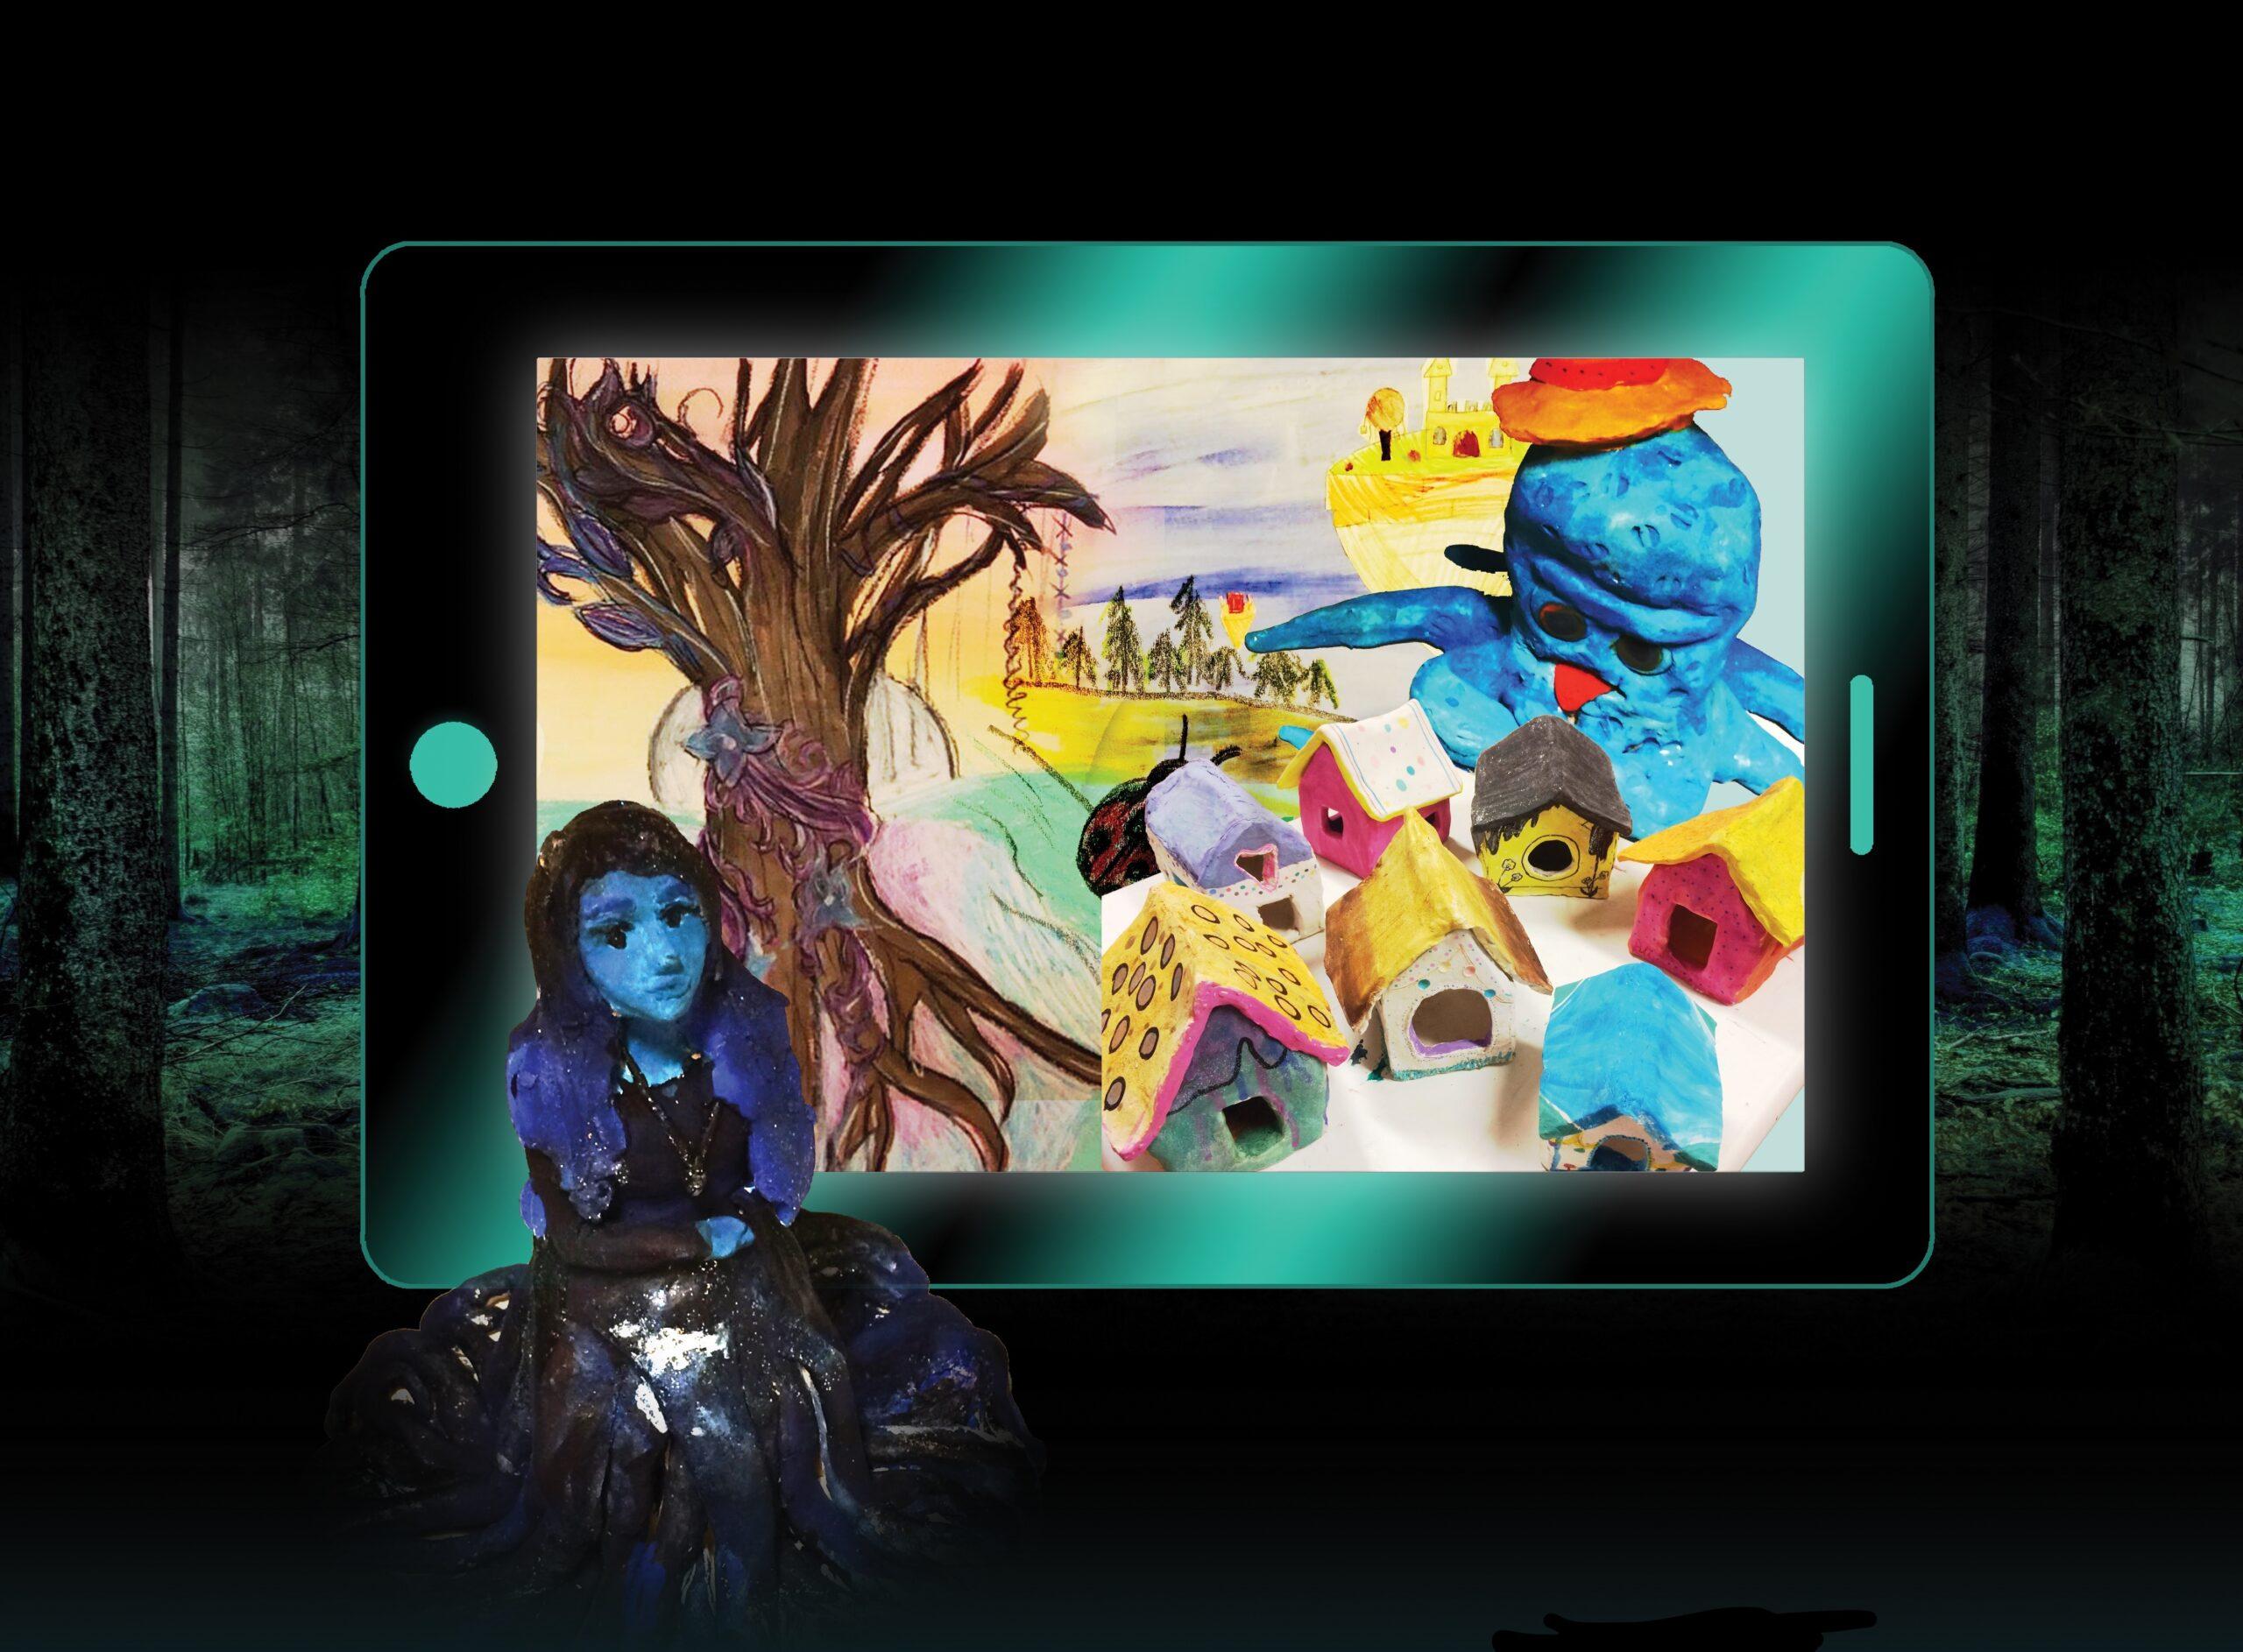 Pirkan opiston Lumottu saari -näyttelyssä oleva sinimustasävyinen tyttönukke, joka istuu tabletin ruudussa näkyvän puunrunko- sekä talotaideteosten edessä.